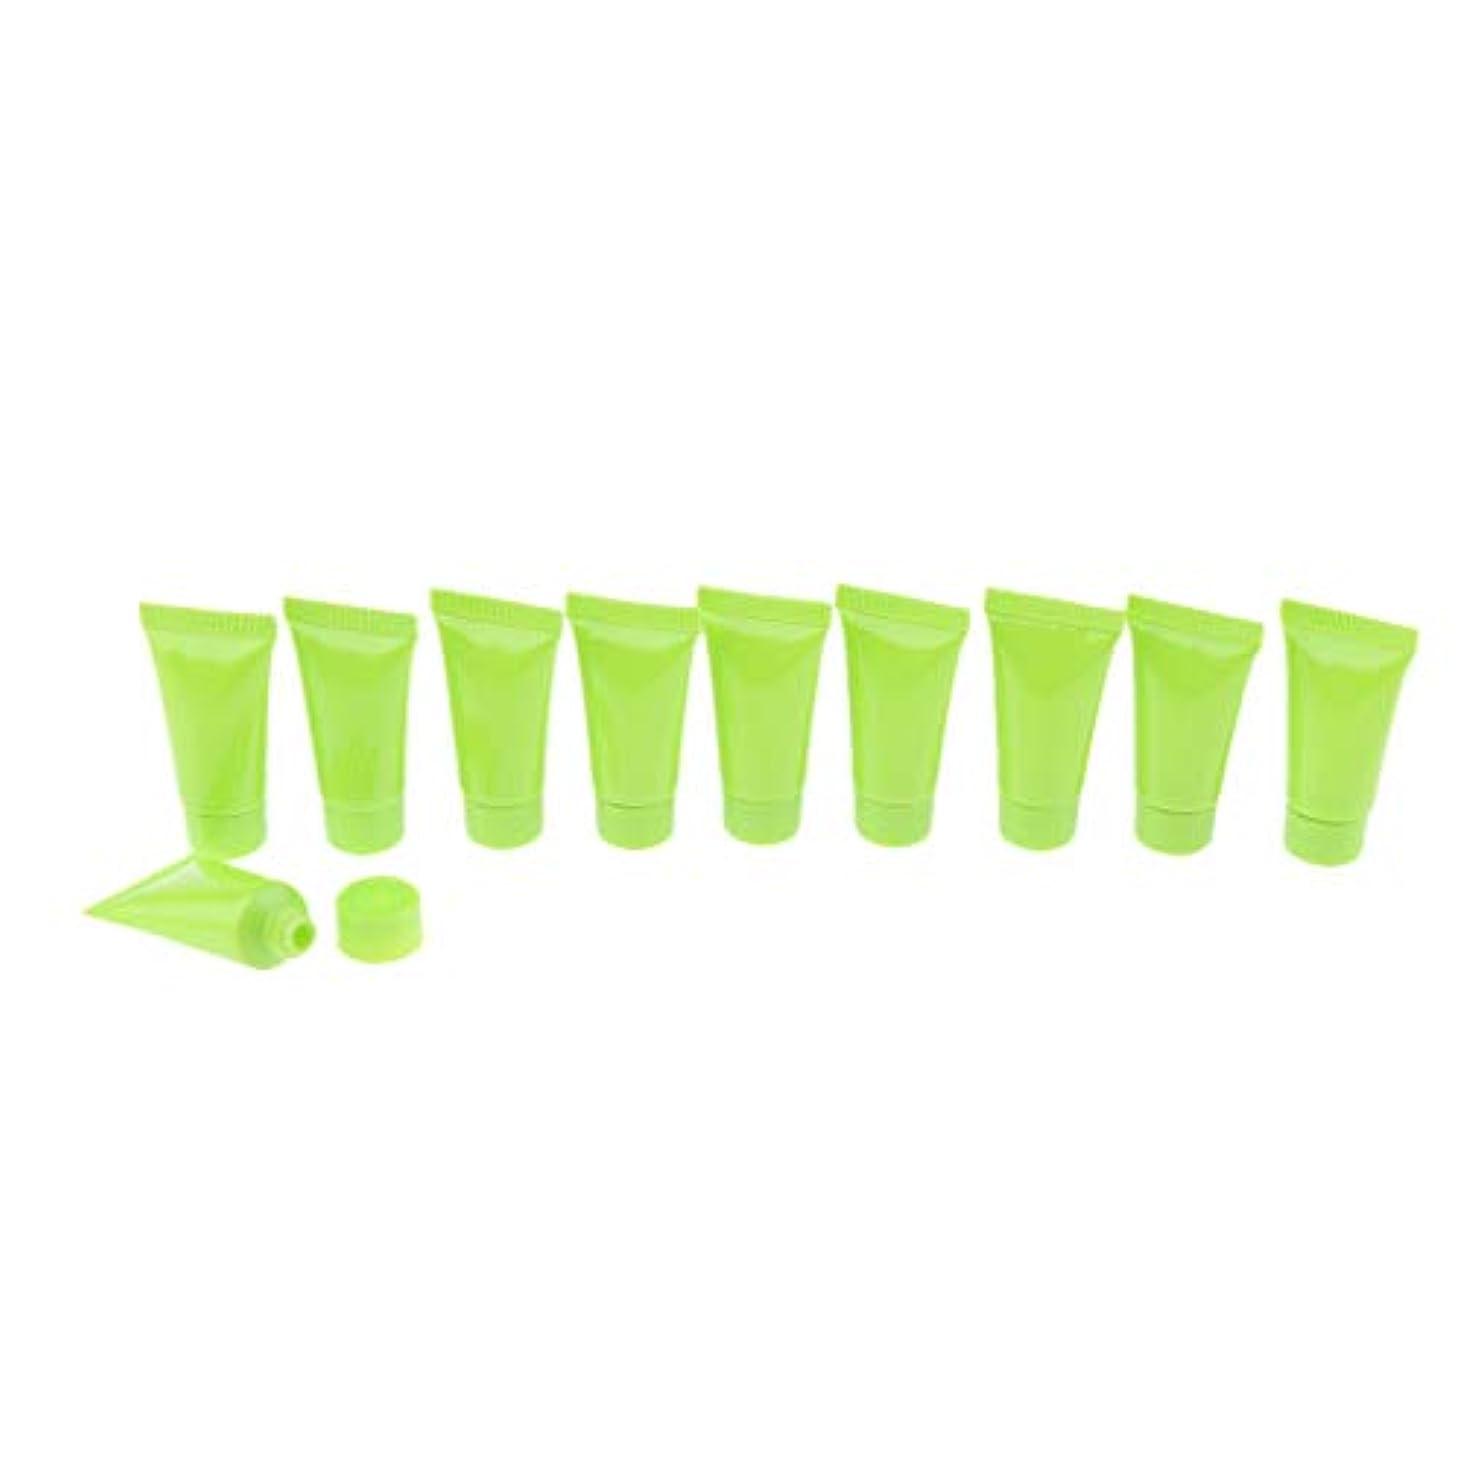 債務セットアップかもめFutuHome 10x空の化粧品の管の構造のクリーム色の容器のびん5ml - 緑